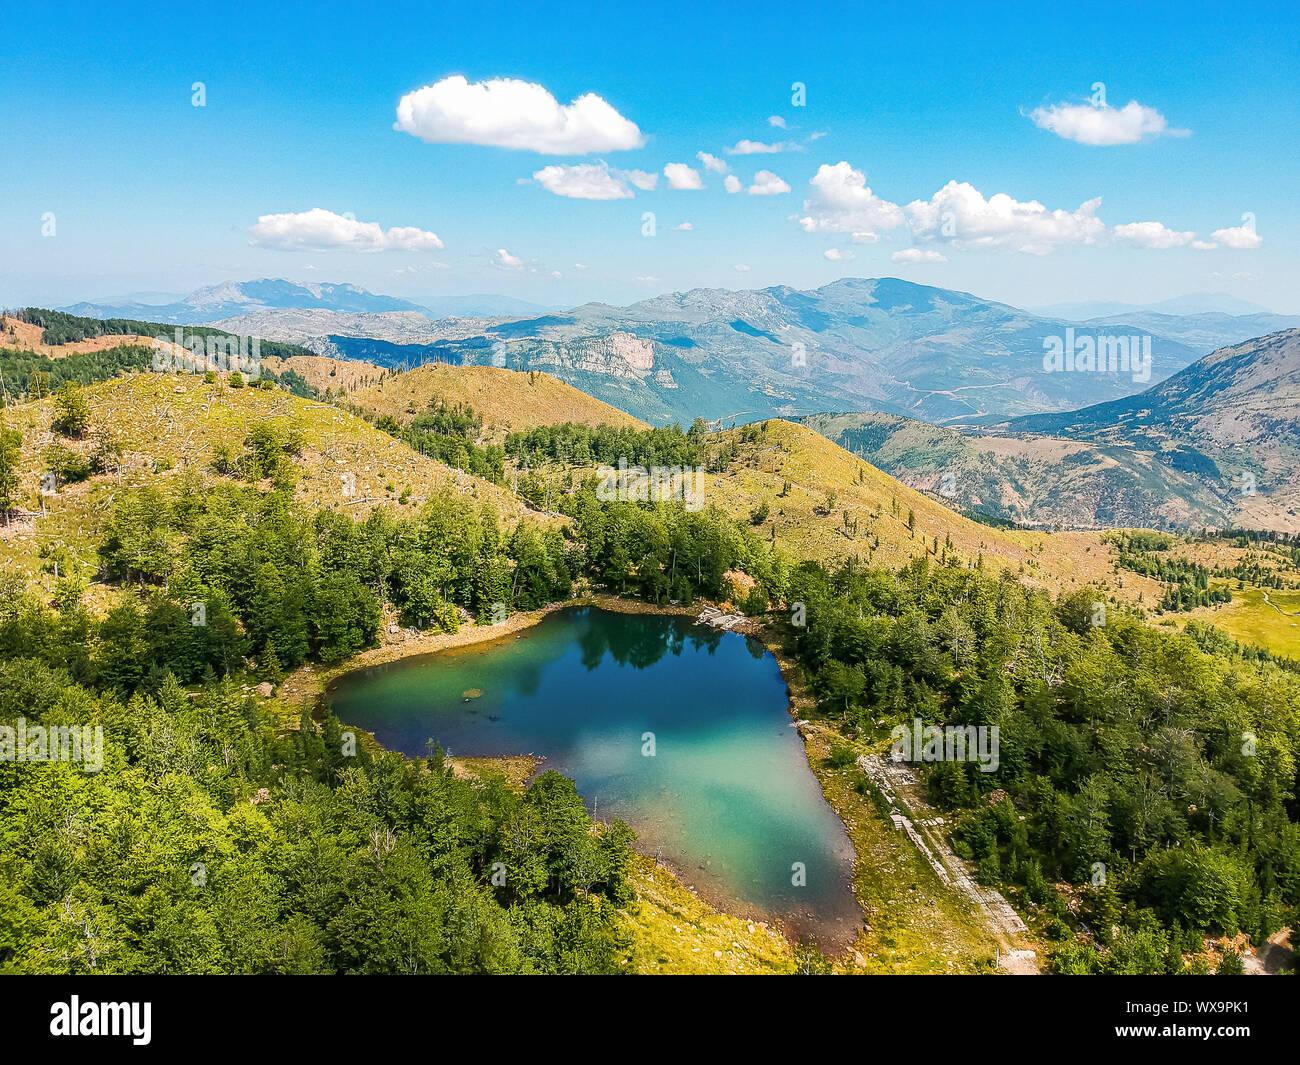 Dans Rrasave Lake Lure, Parc National de l'Albanie Banque D'Images